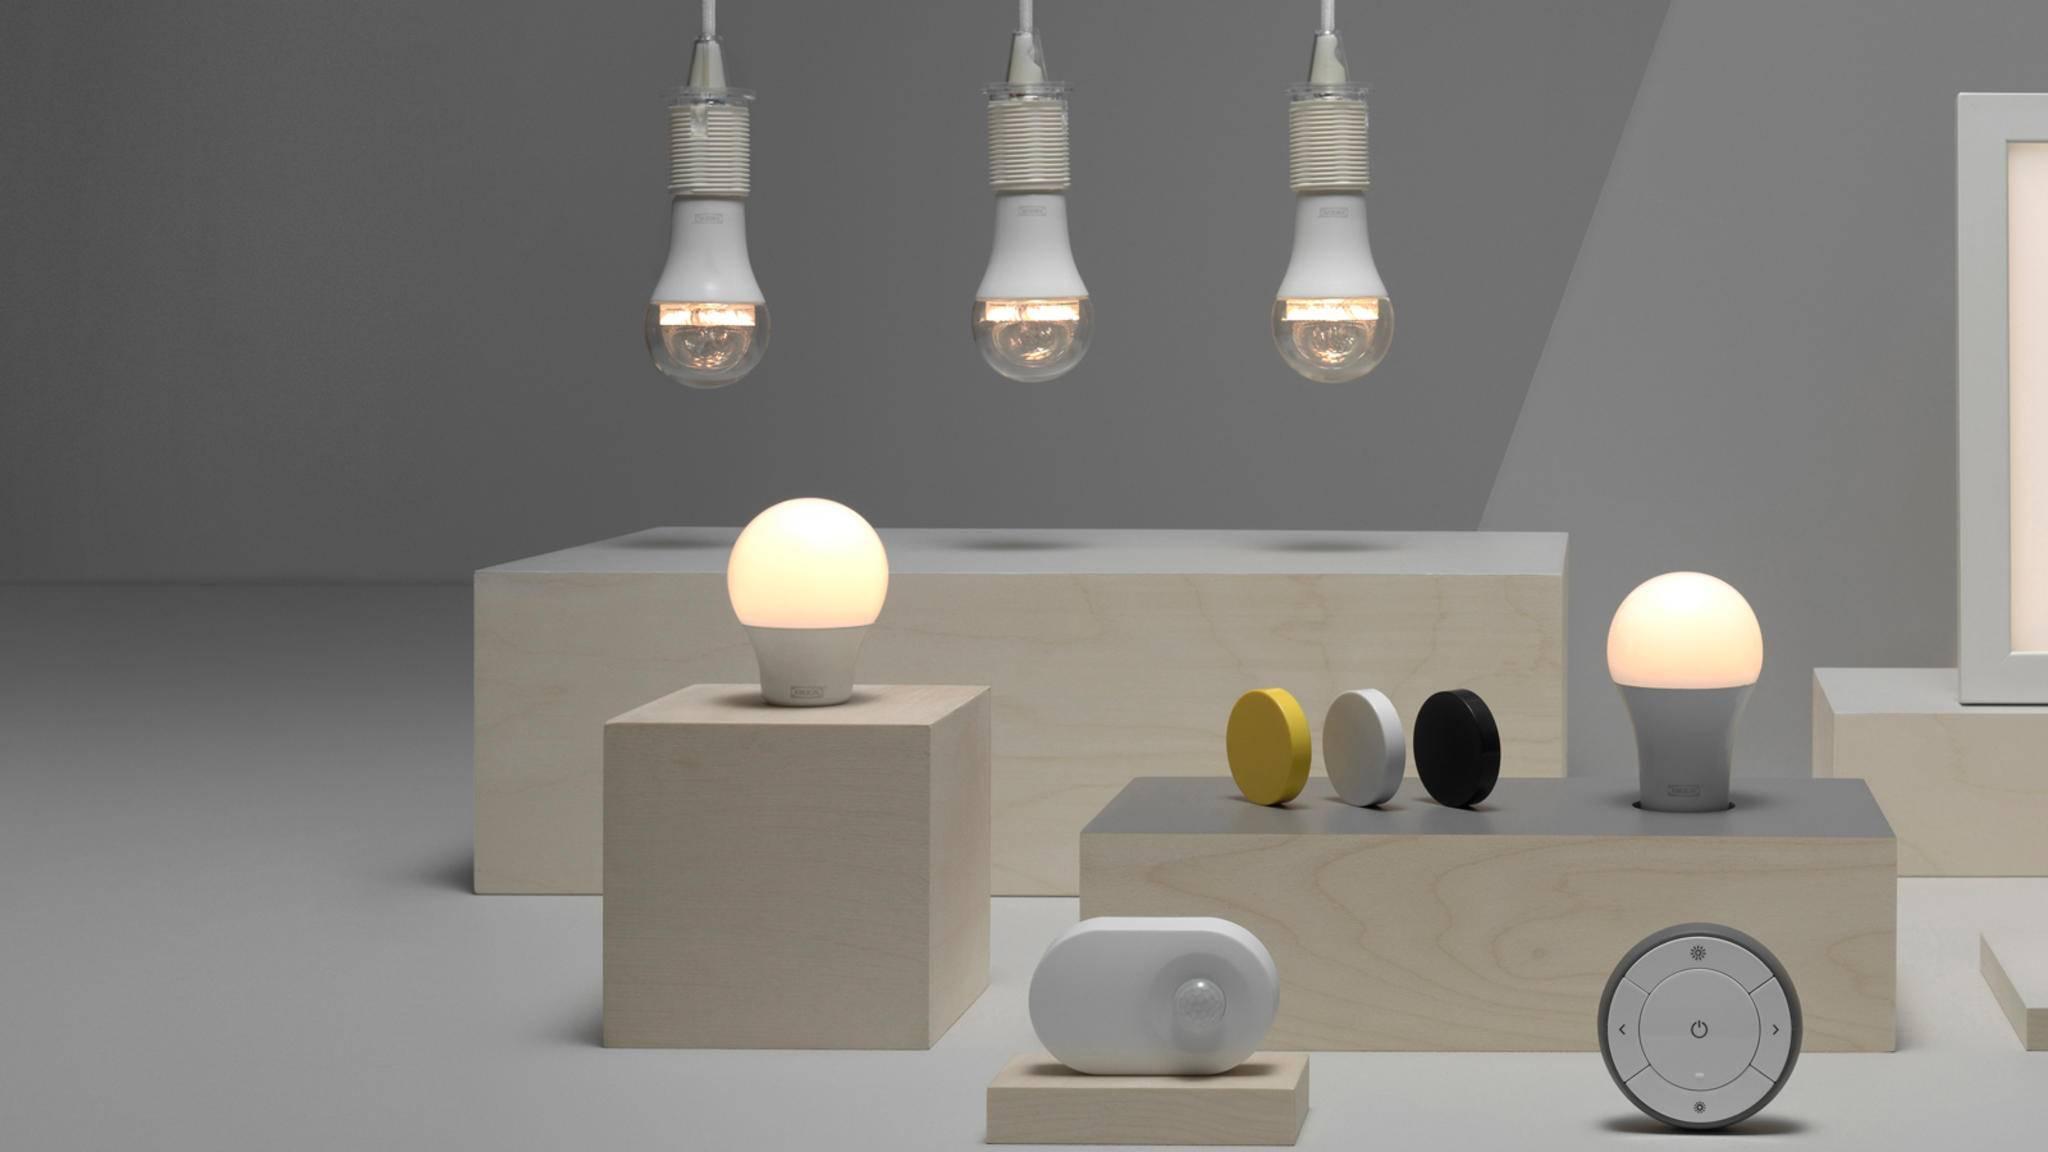 Die smarte Beleuchtung von IKEA ist bald auch mit der Smart-Home-Technik von Google, Apple und Amazon kompatibel.